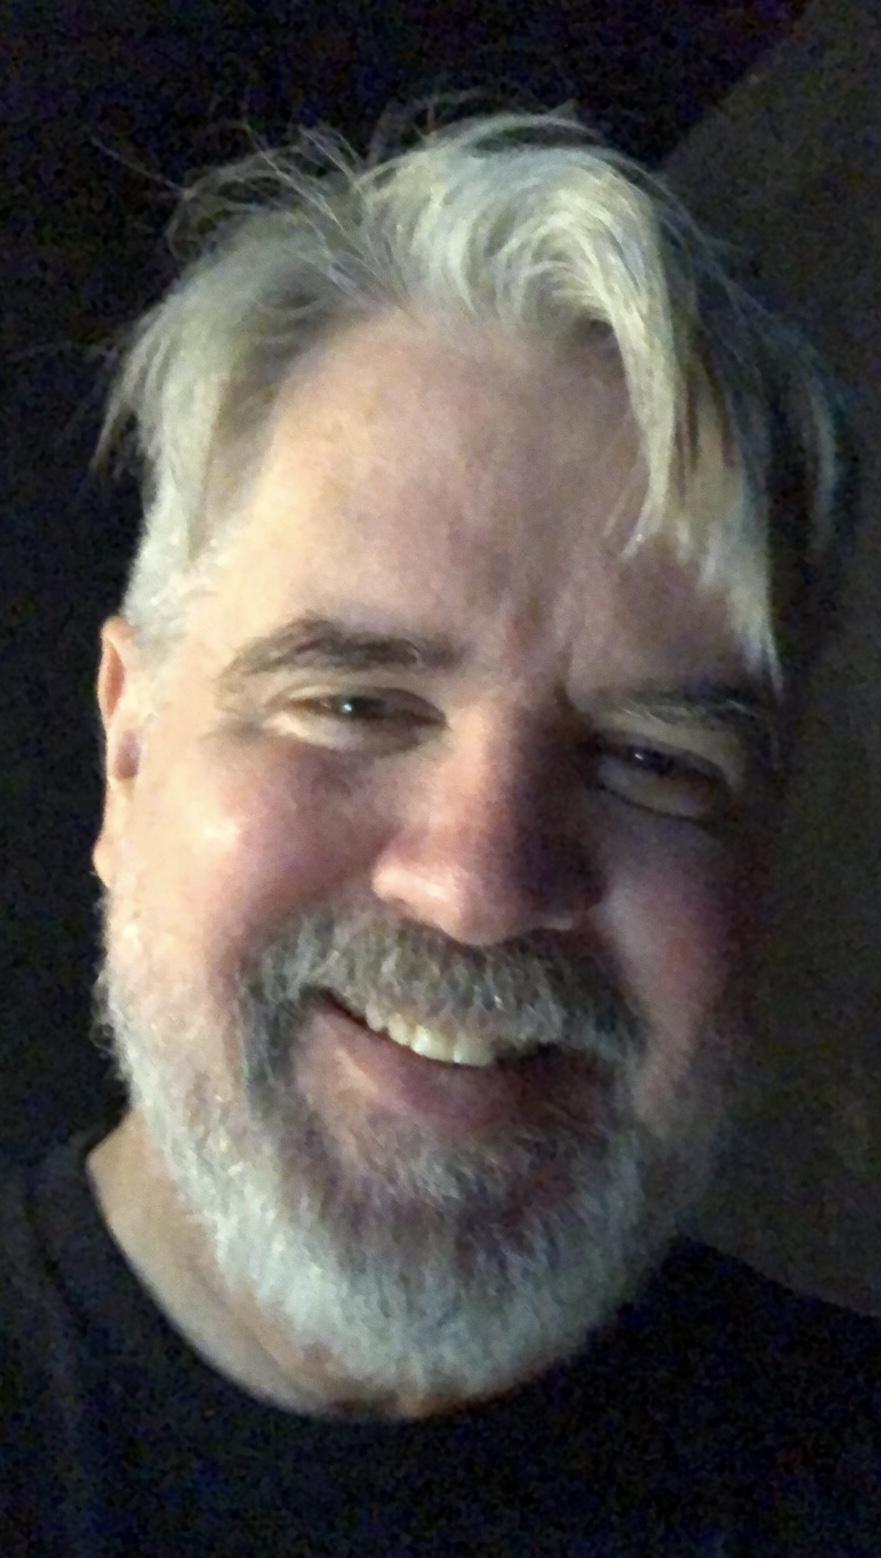 Micheal Caughlin